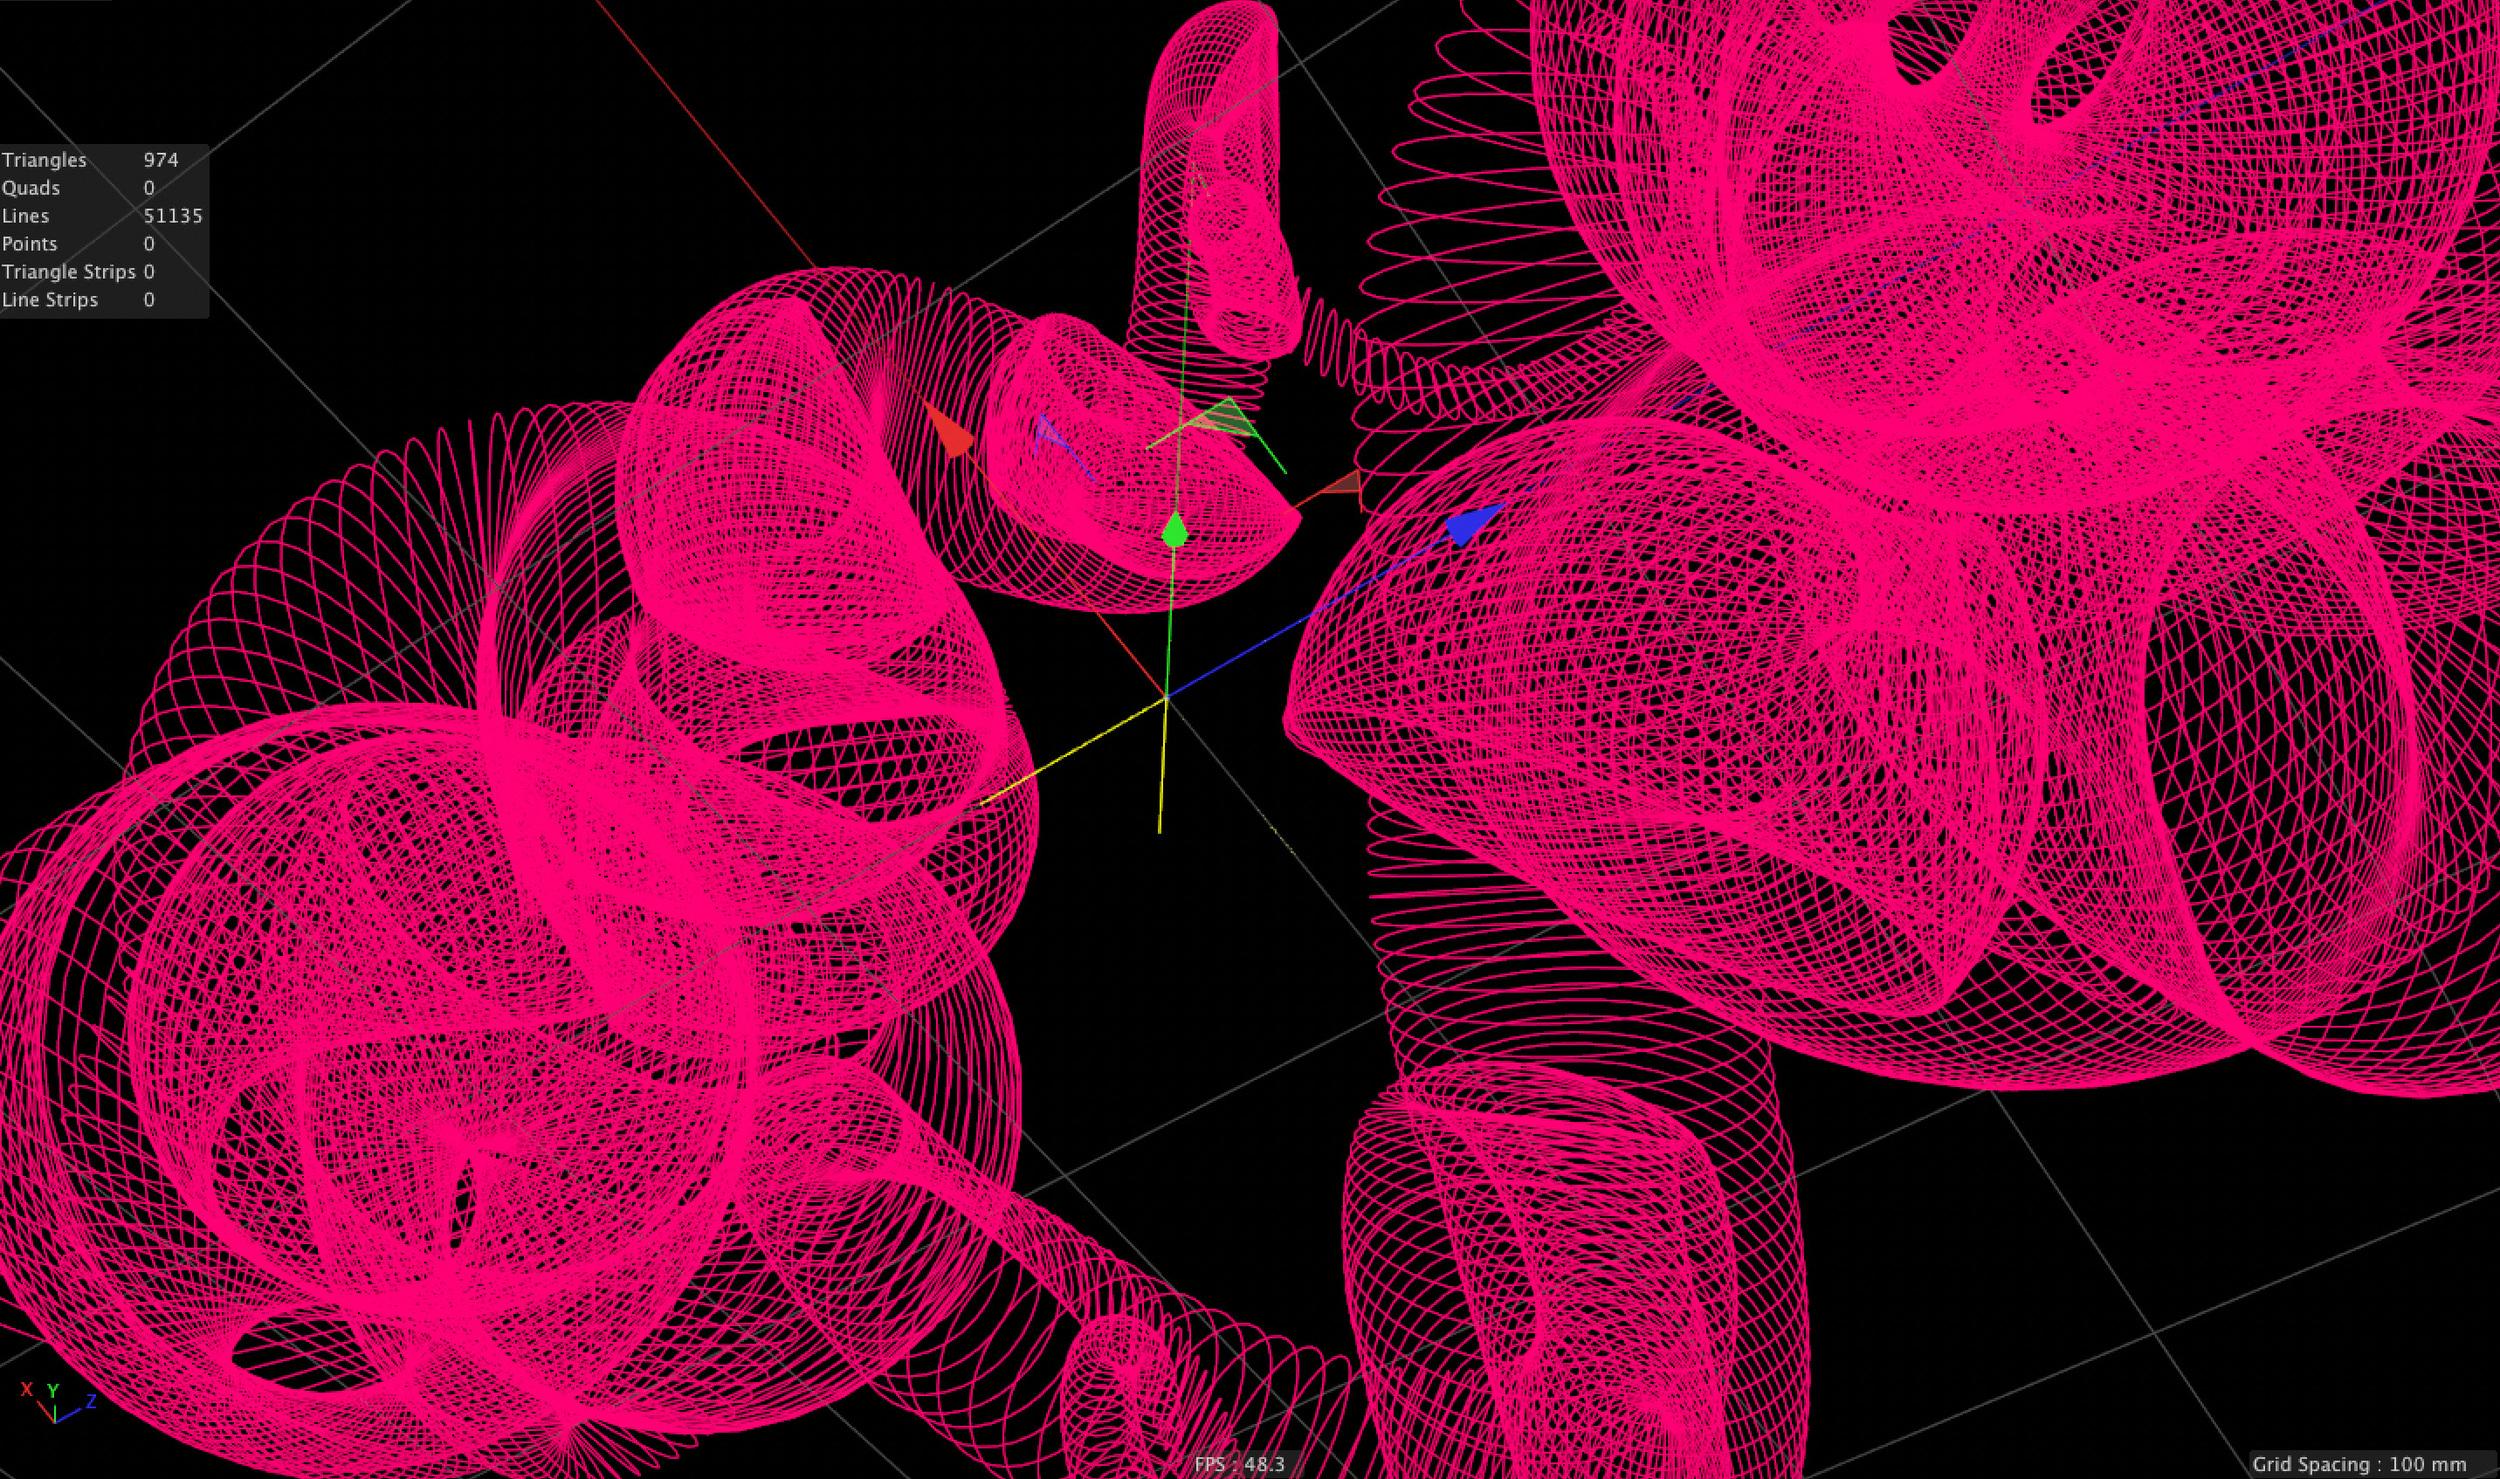 PIP_MatrixDrawHelper_Image_01.jpg